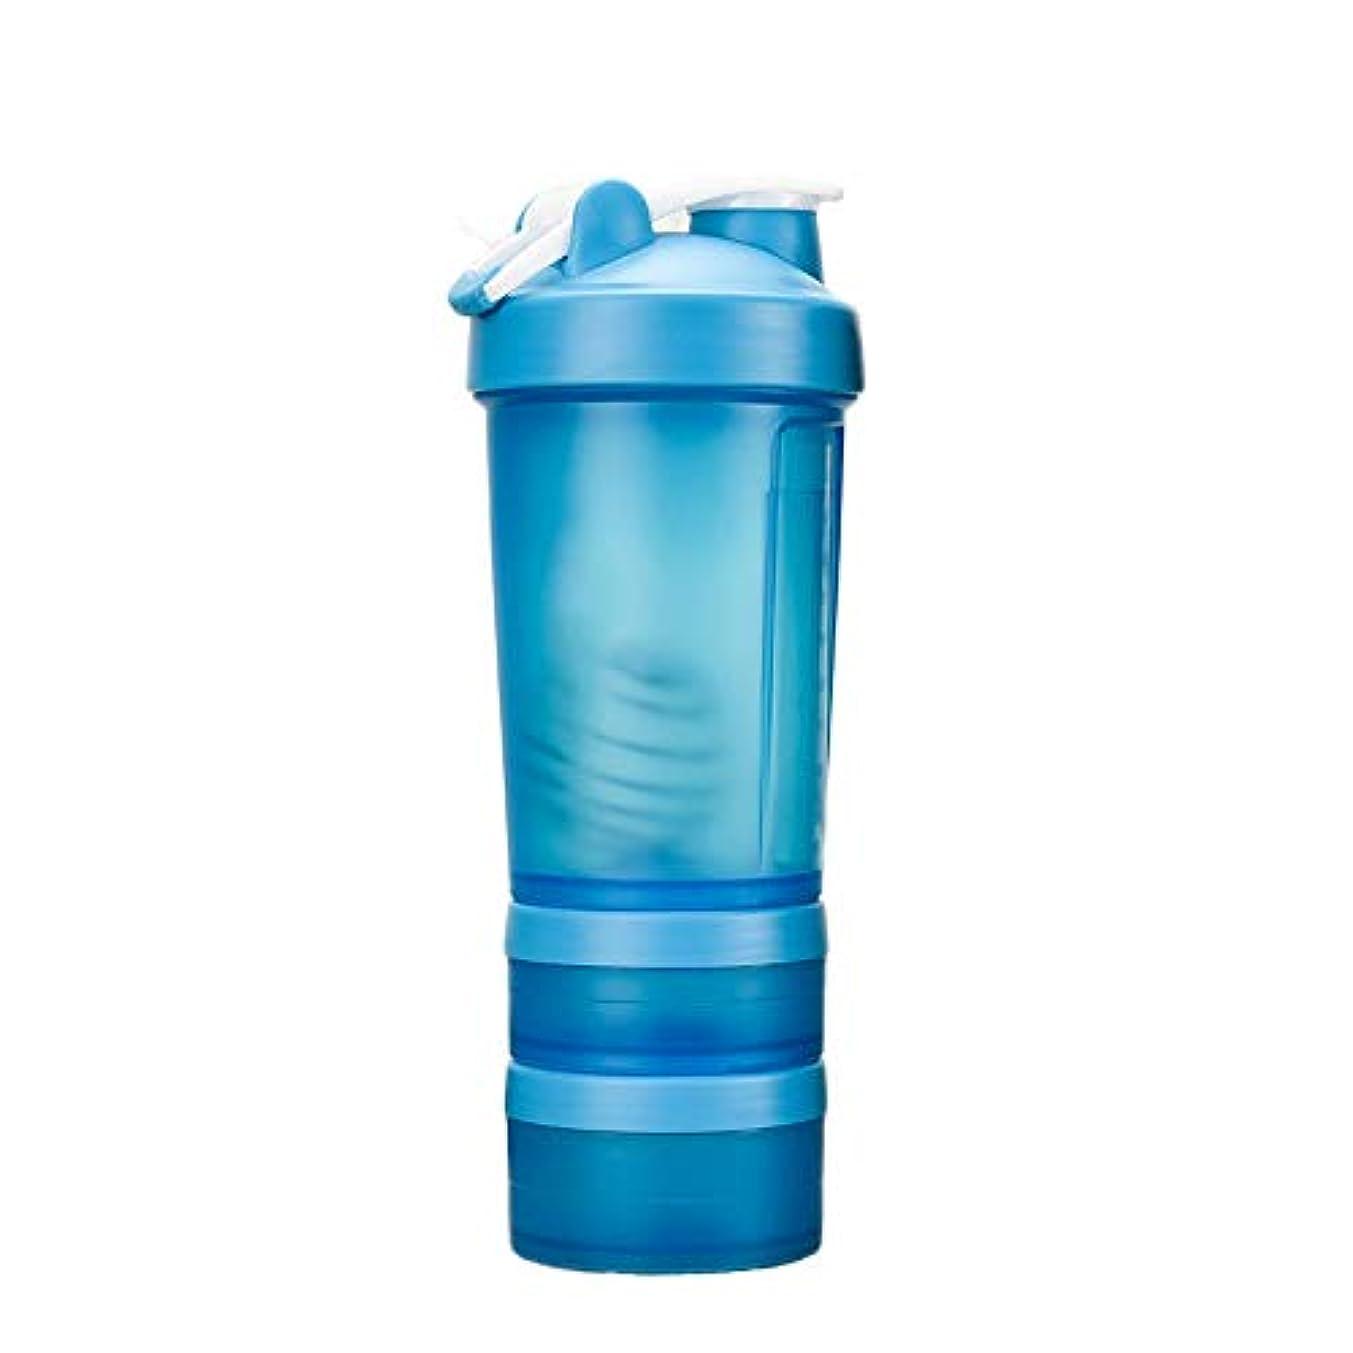 コスチュームペチュランスすり減る650ml シェーカーボトルフィットネスプロテインミキサーカッププラスチックスポーツレイヤリングケトルとカプセルボックススカラボールとスケール表示屋外カフェバーオフィス栄養,Blue